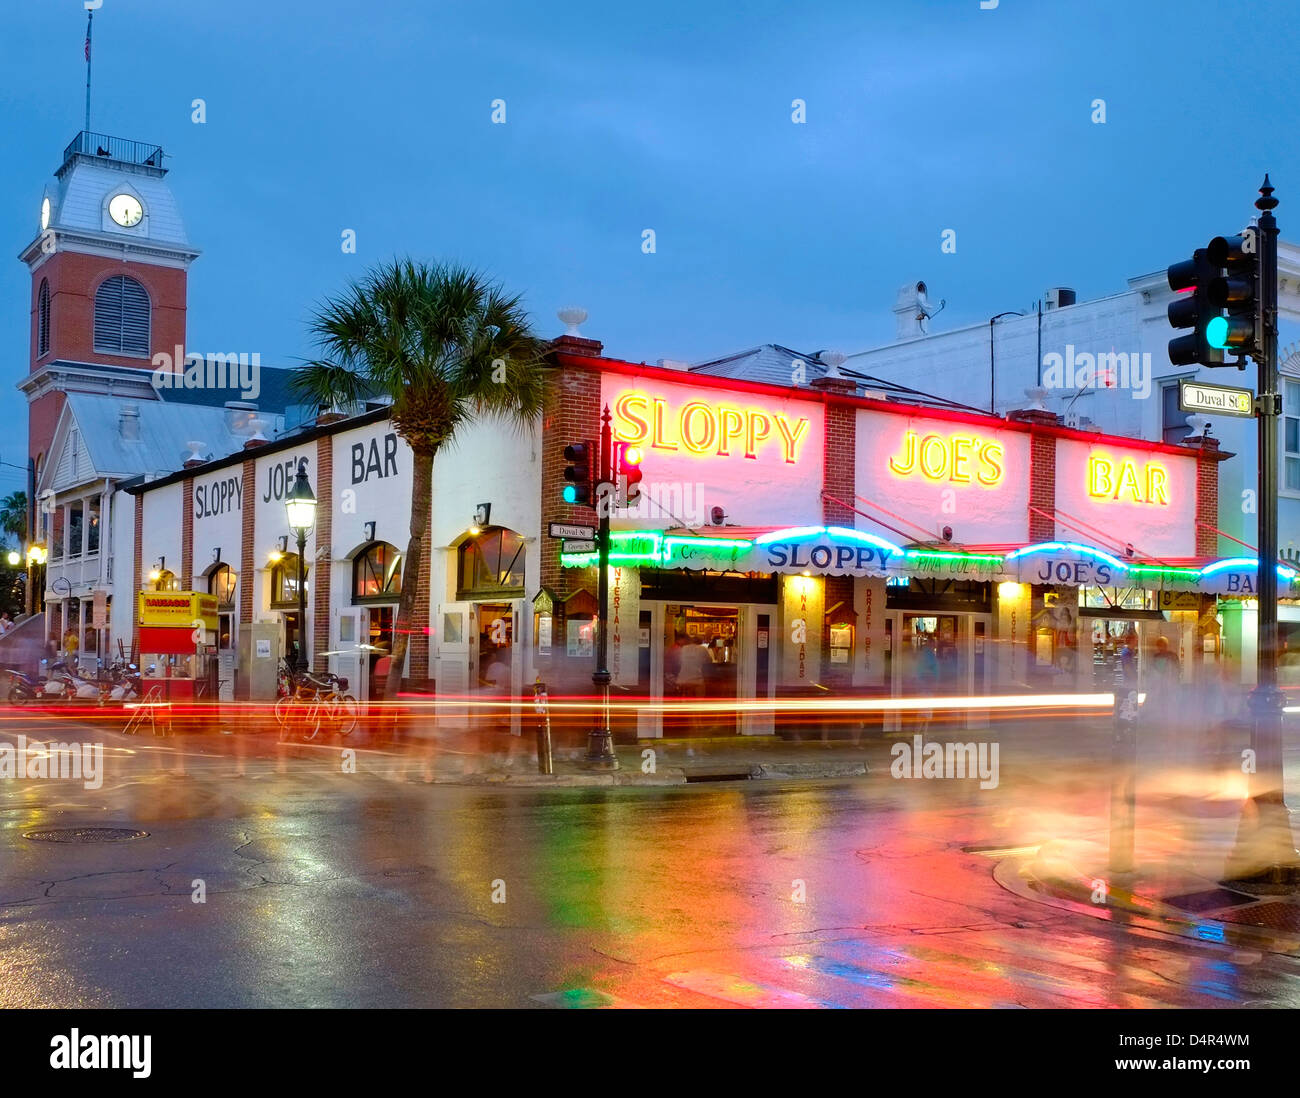 Sloppy Joe's Bar, Key West, Florida, America - Stock Image